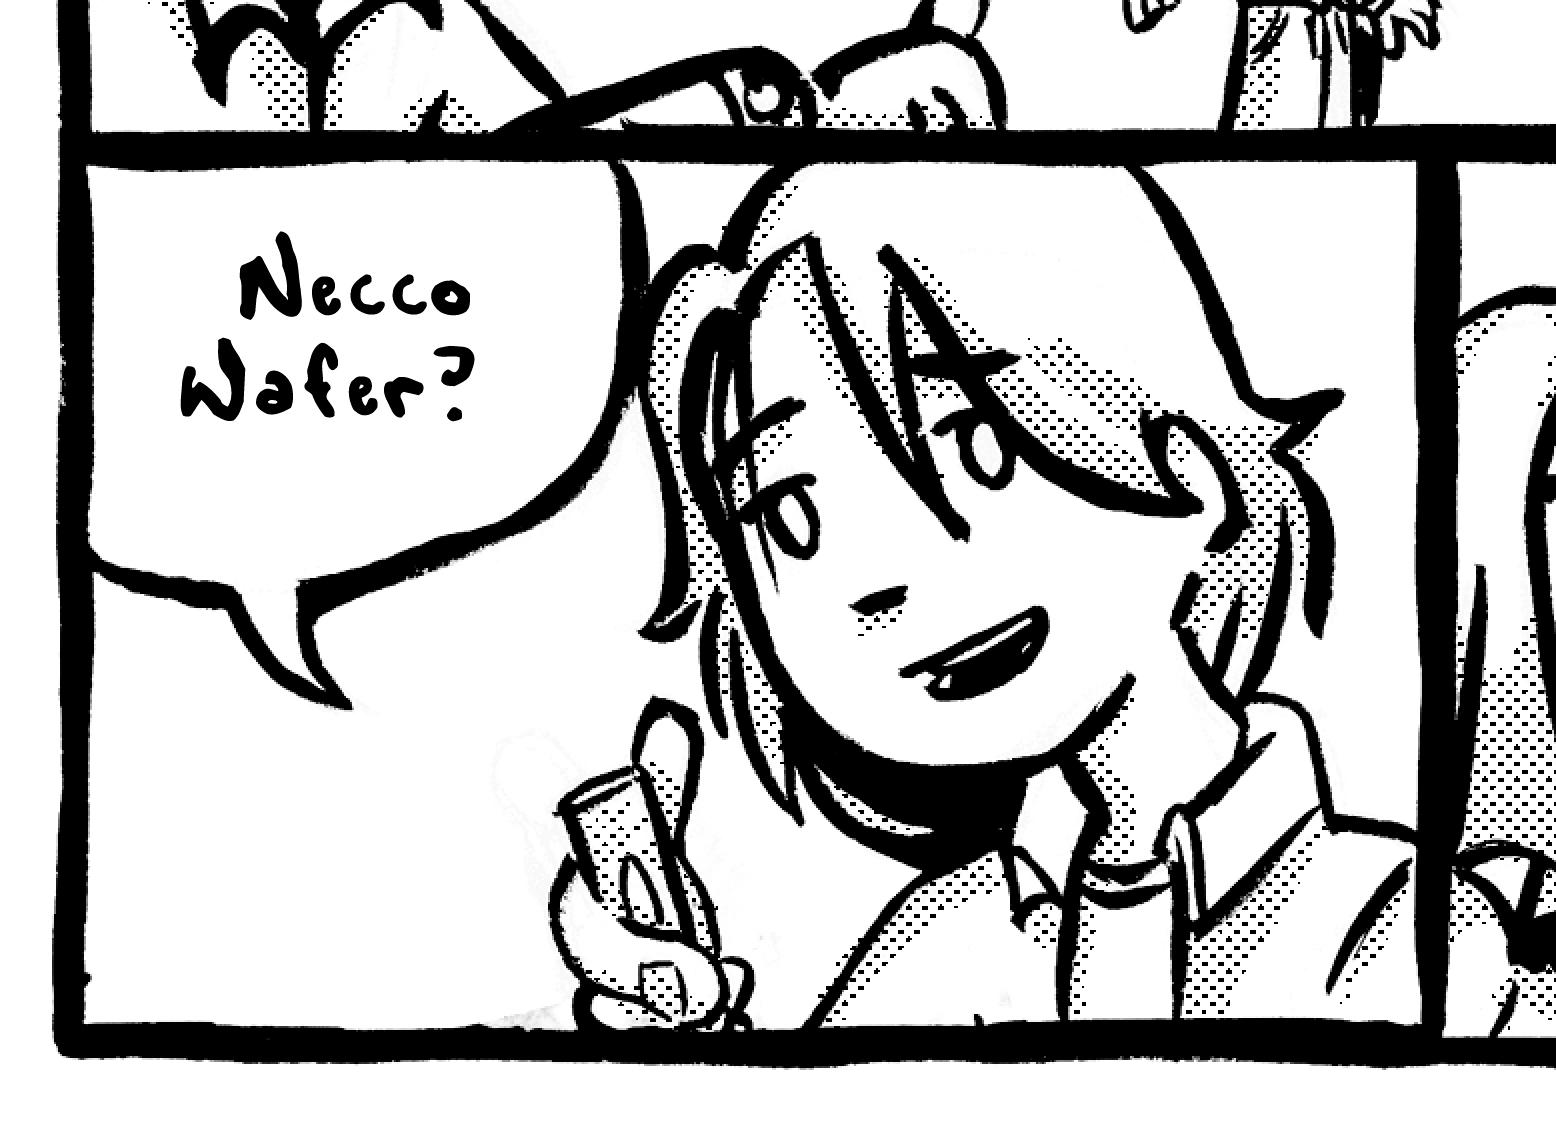 Necco Wafer